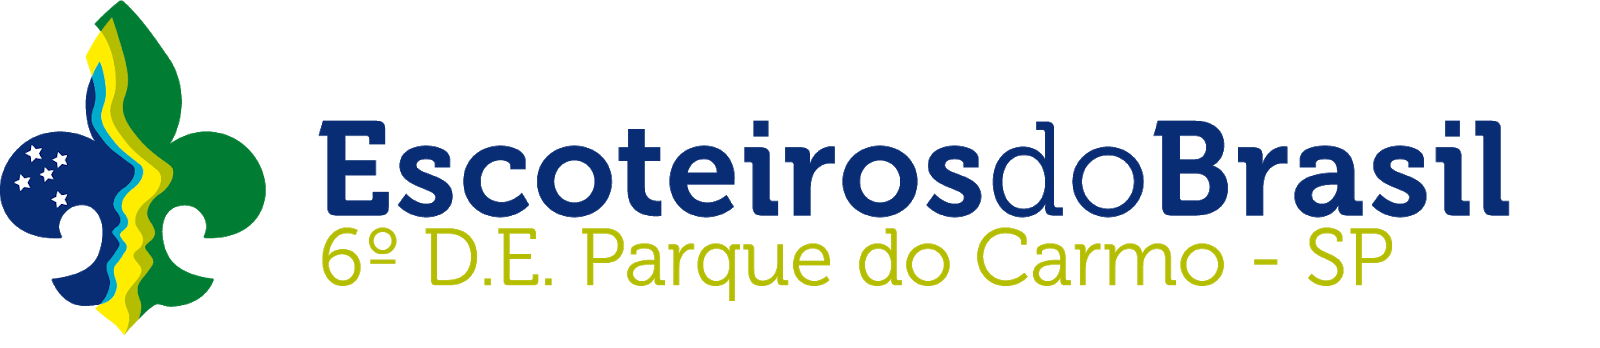 6º Distrito Escoteiro Parque do Carmo - SP